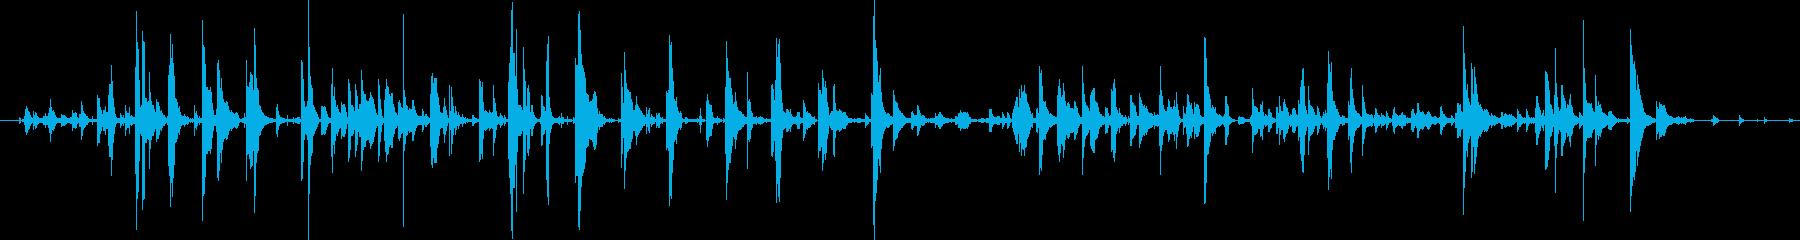 キー キーホルダーSmall Ra...の再生済みの波形